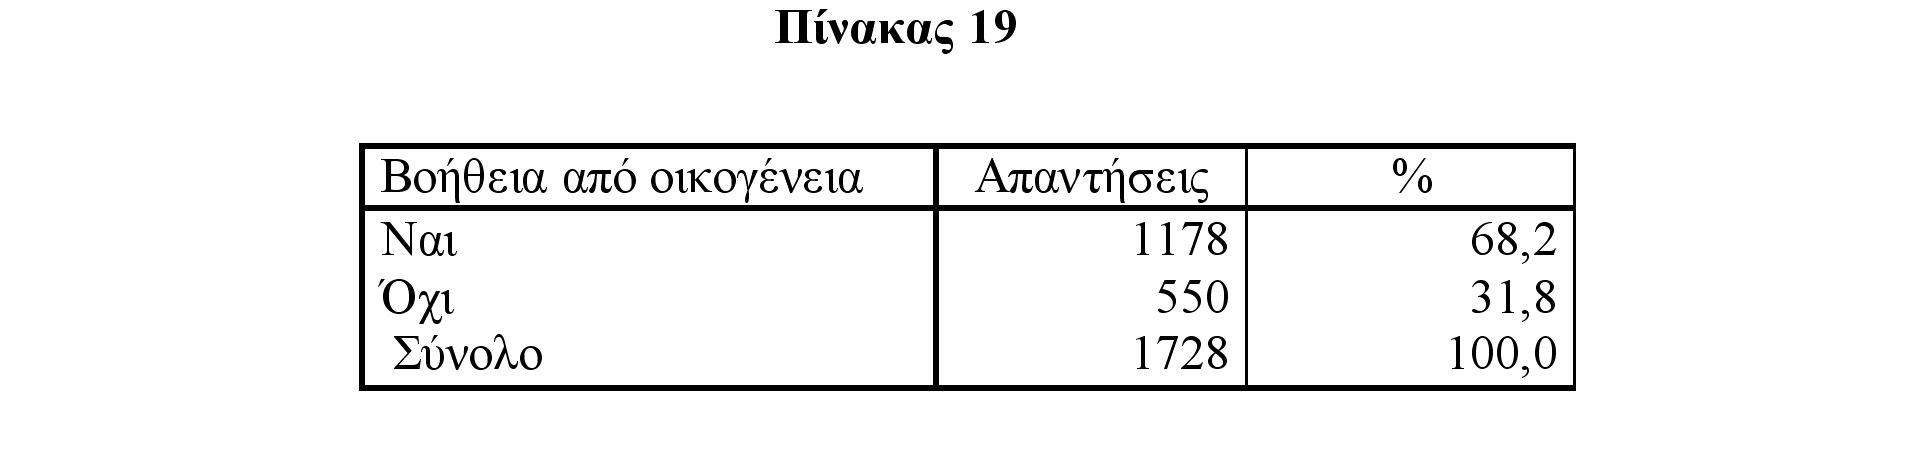 Πίνακας 19